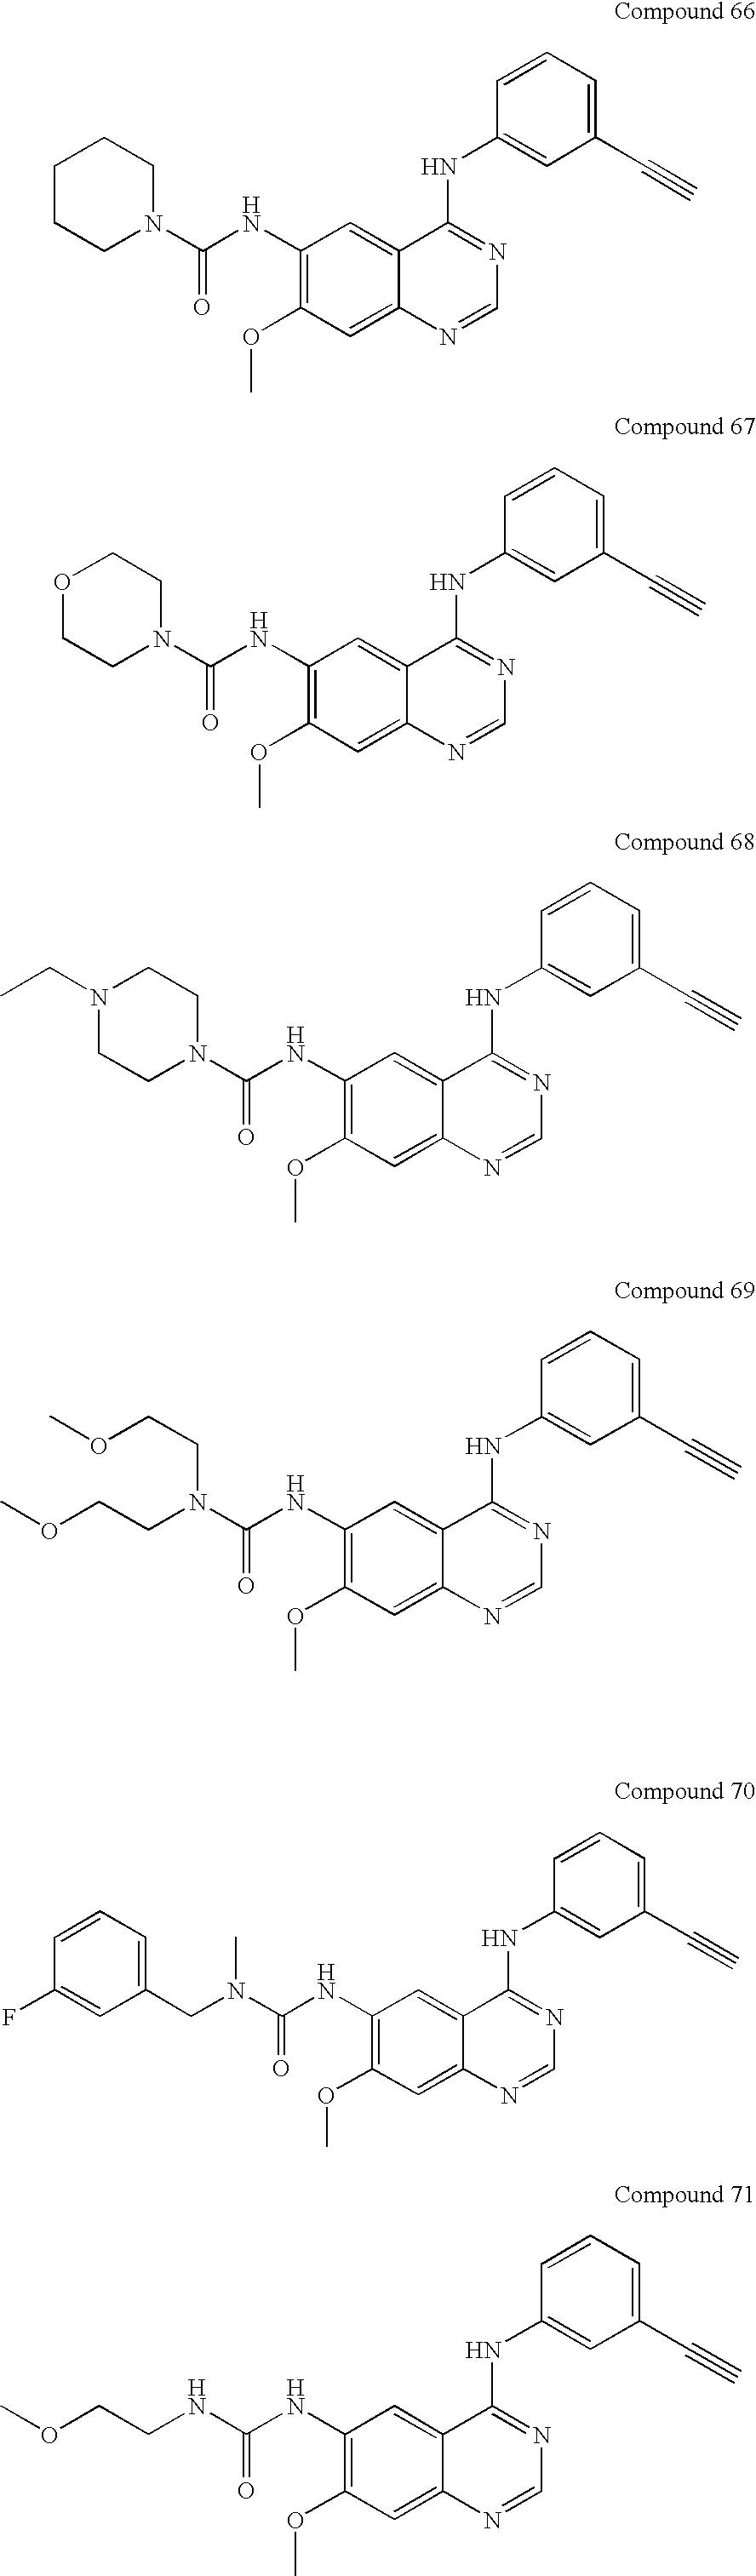 Figure US08426430-20130423-C00020